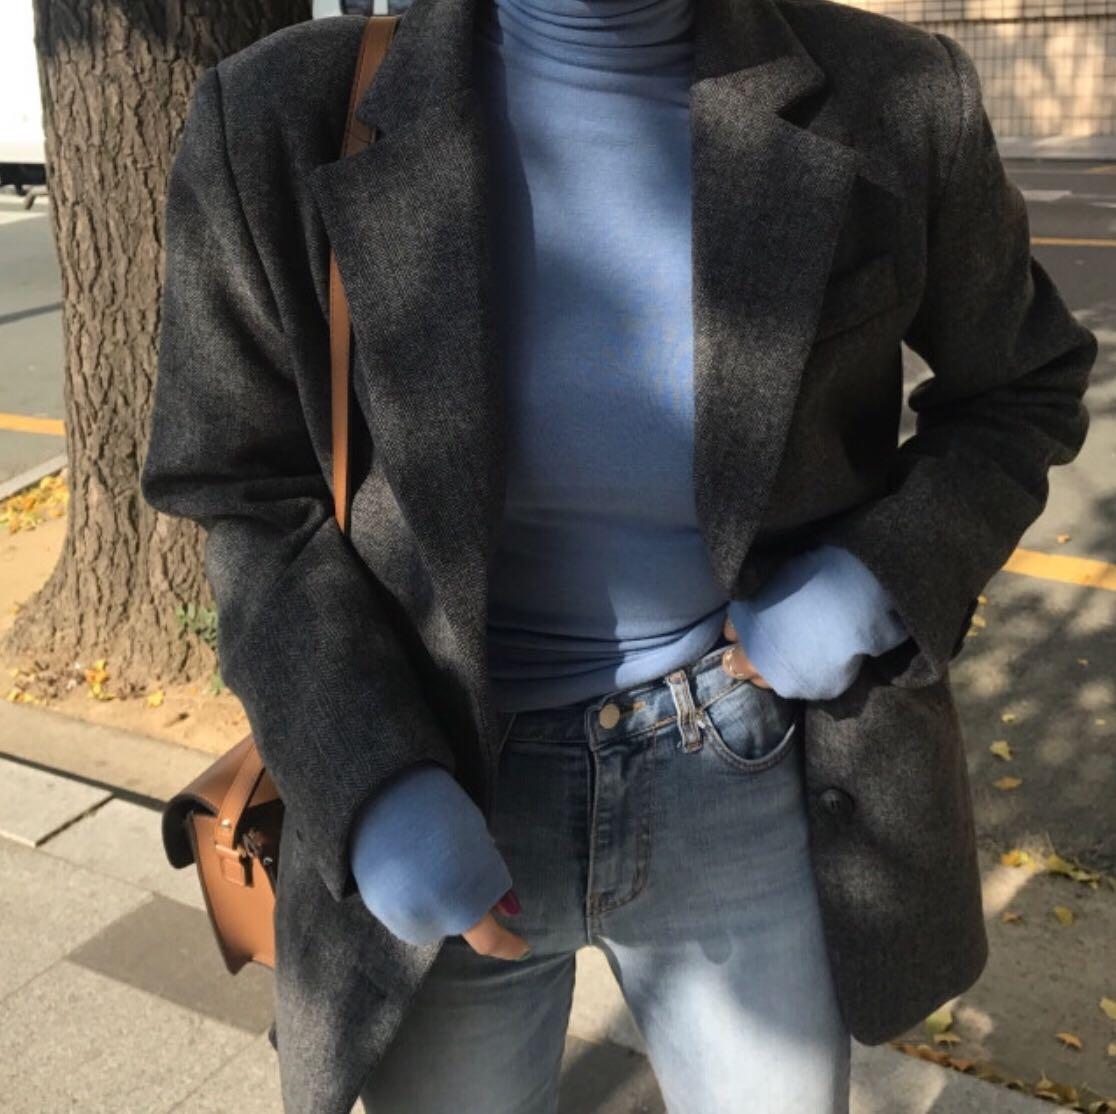 现货实价 韩国ins人气款 休息纯净高领套头打底衫